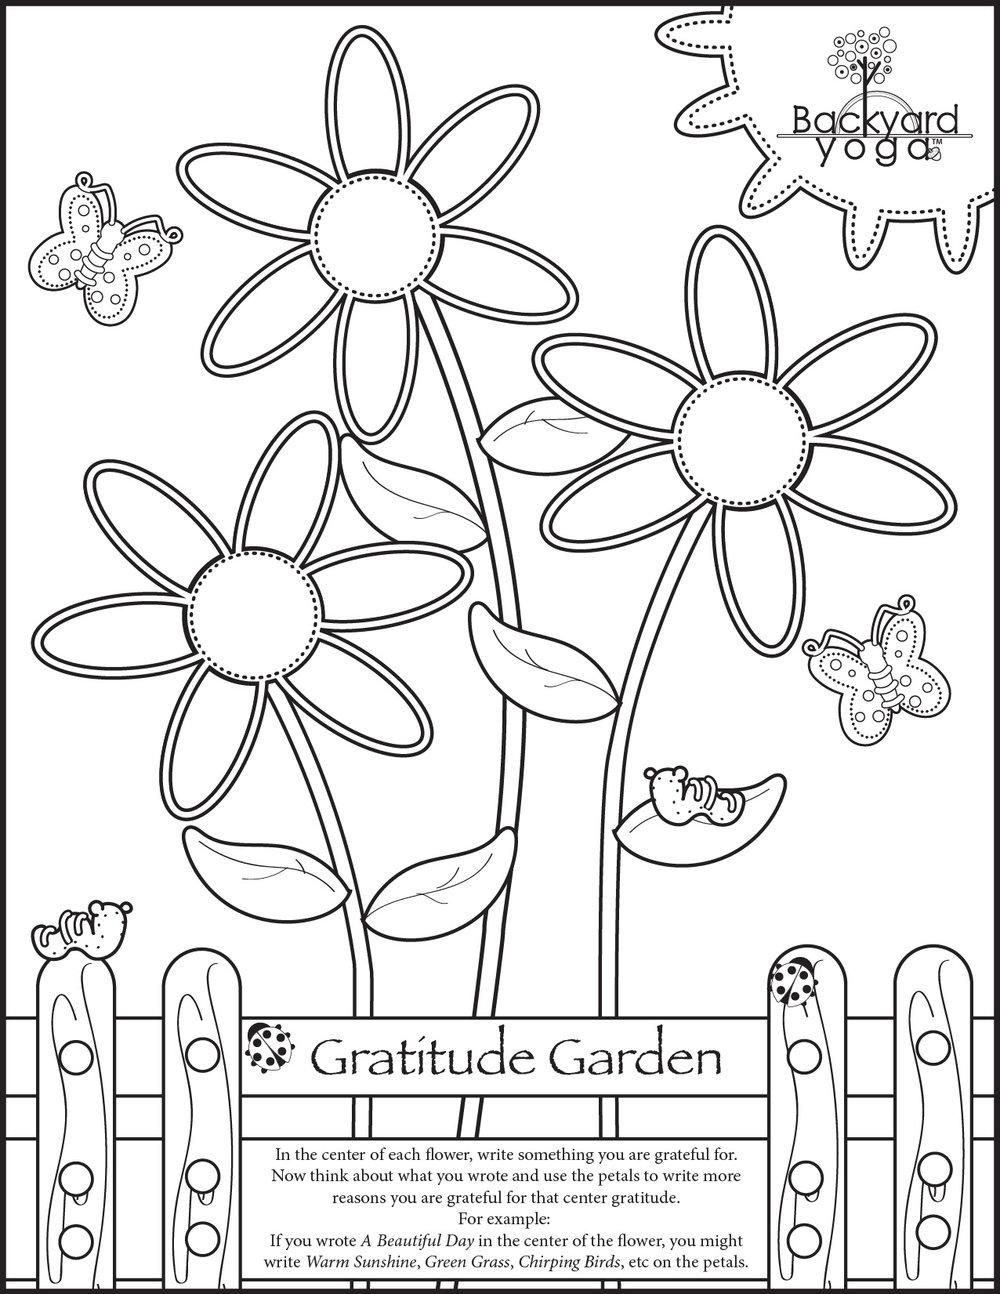 BYY_gratitudeGARDEN-01.jpg